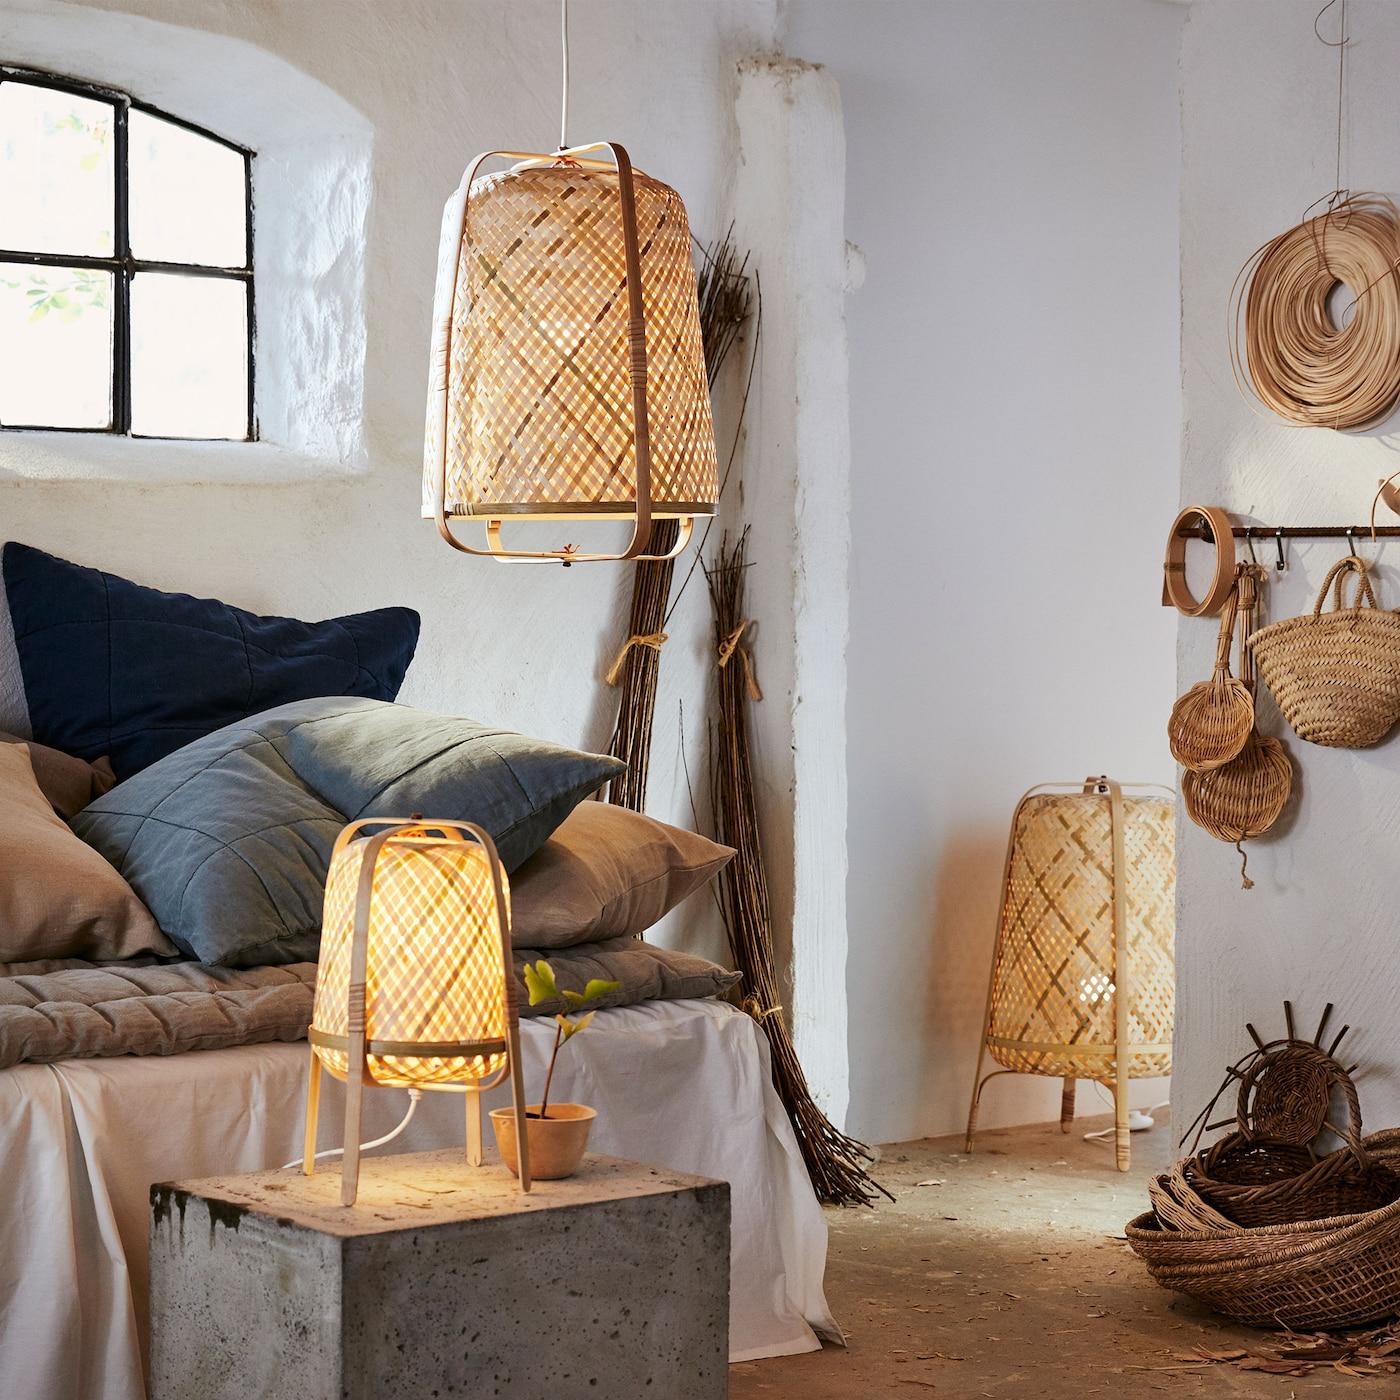 Ikea Vous Les Chez Bambou En Luminaires qUzLSMGpV